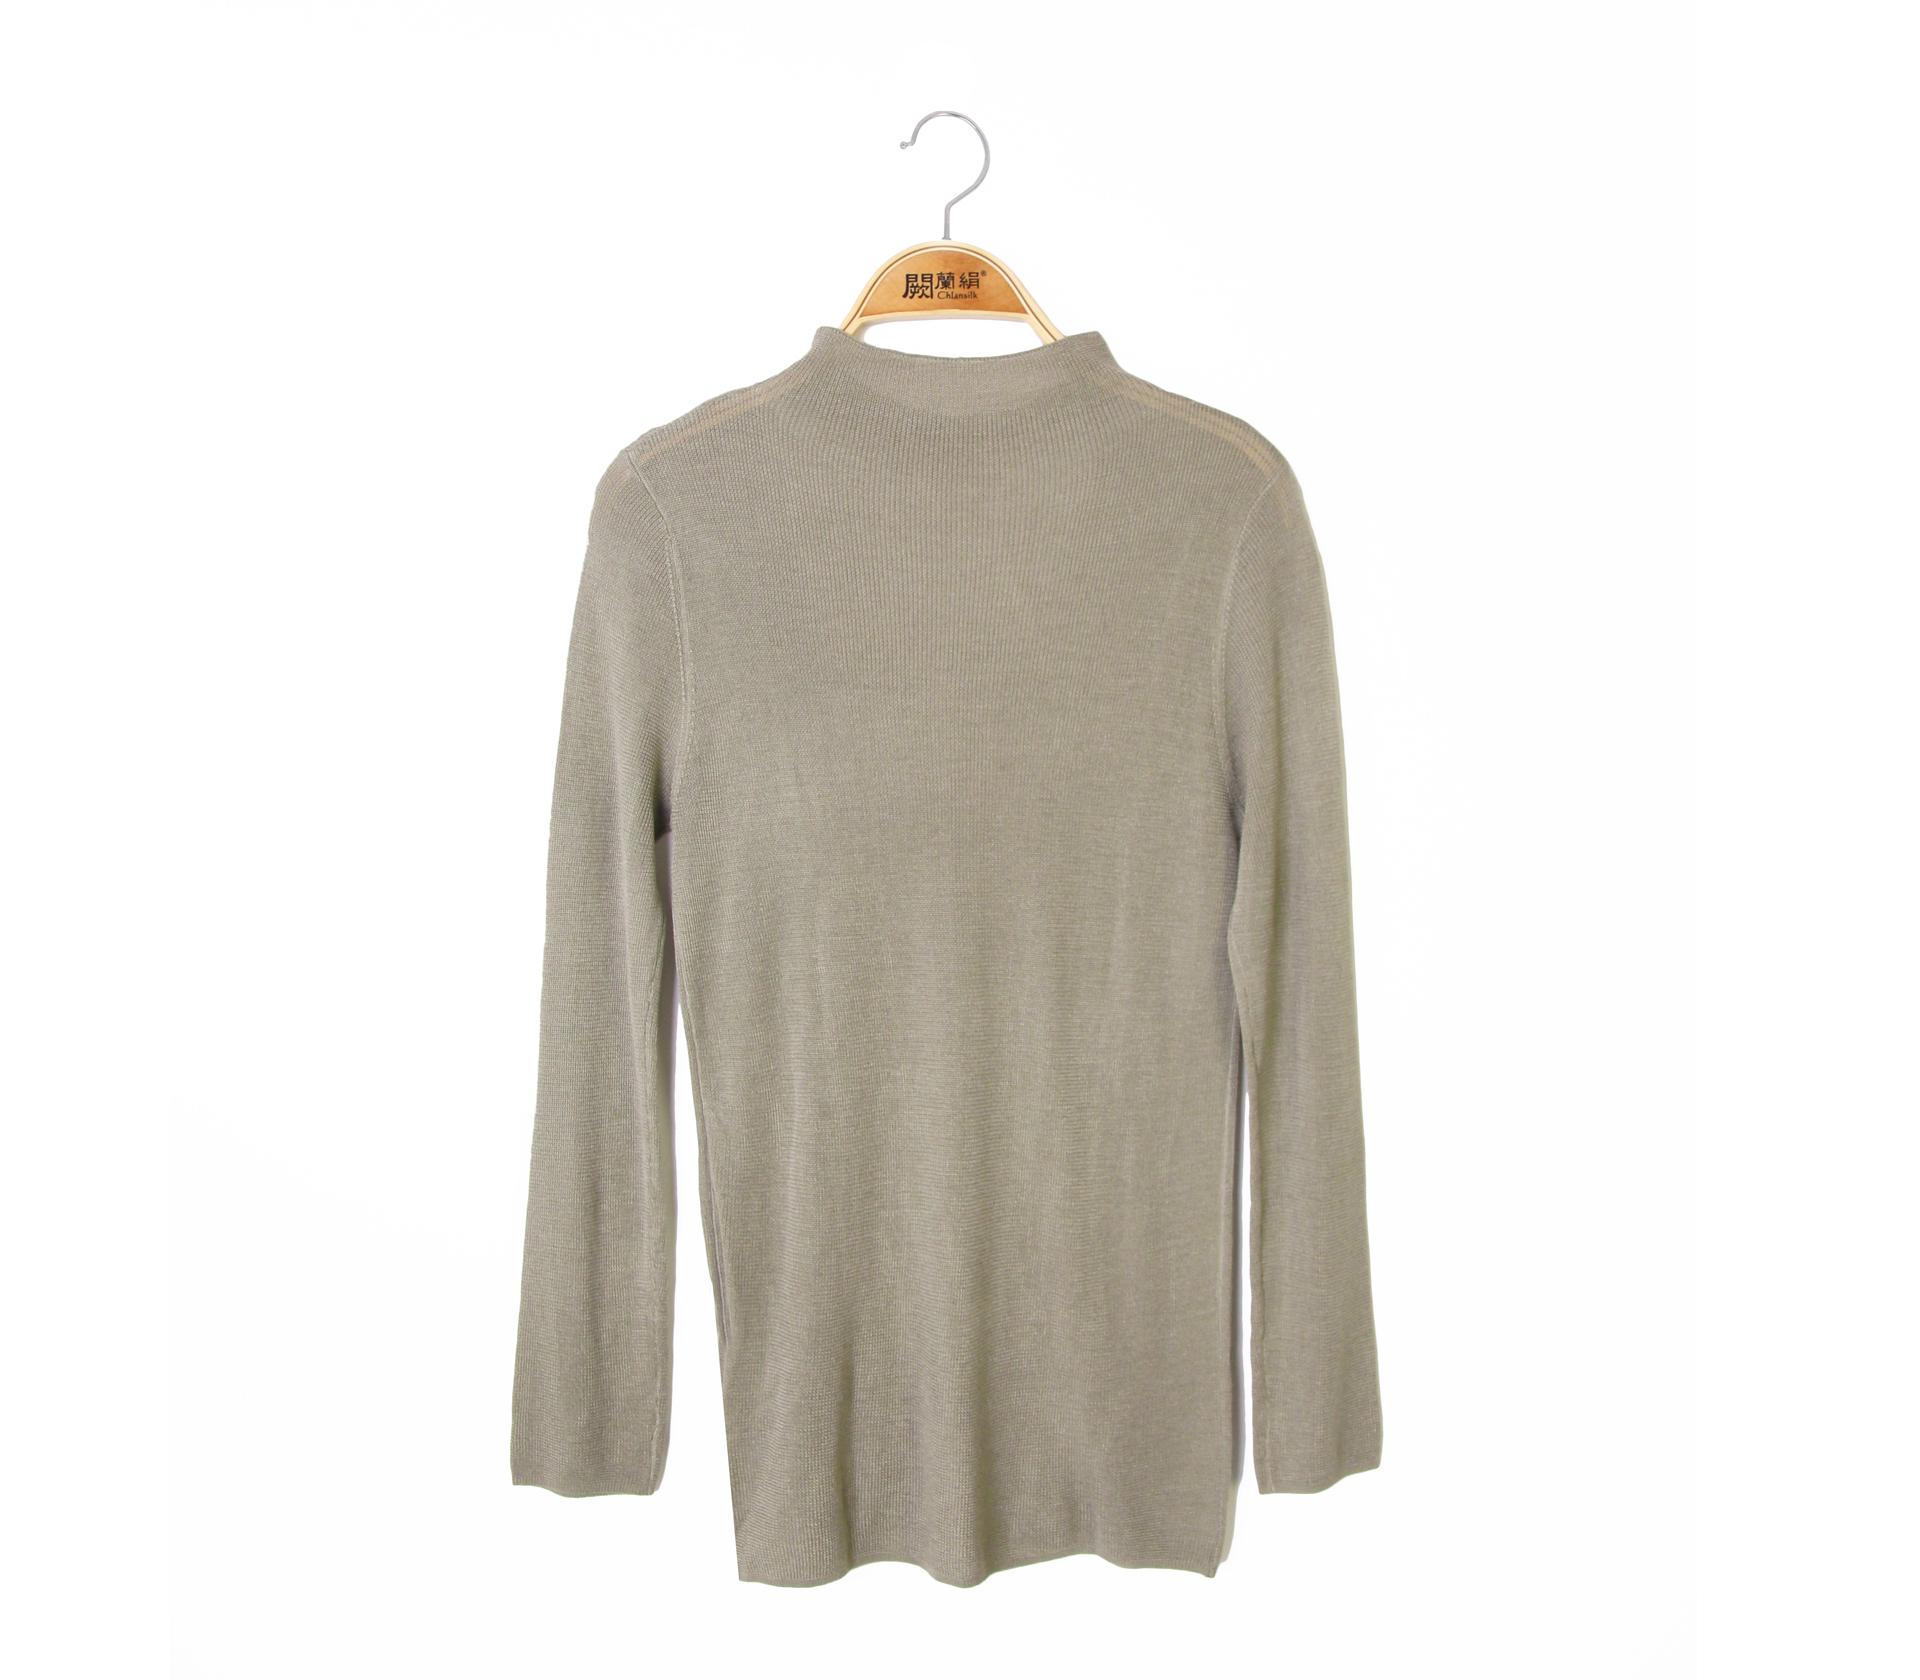 闕蘭絹修身百搭小高領蠶絲羊絨針織上衣 - 綠色 - 6626